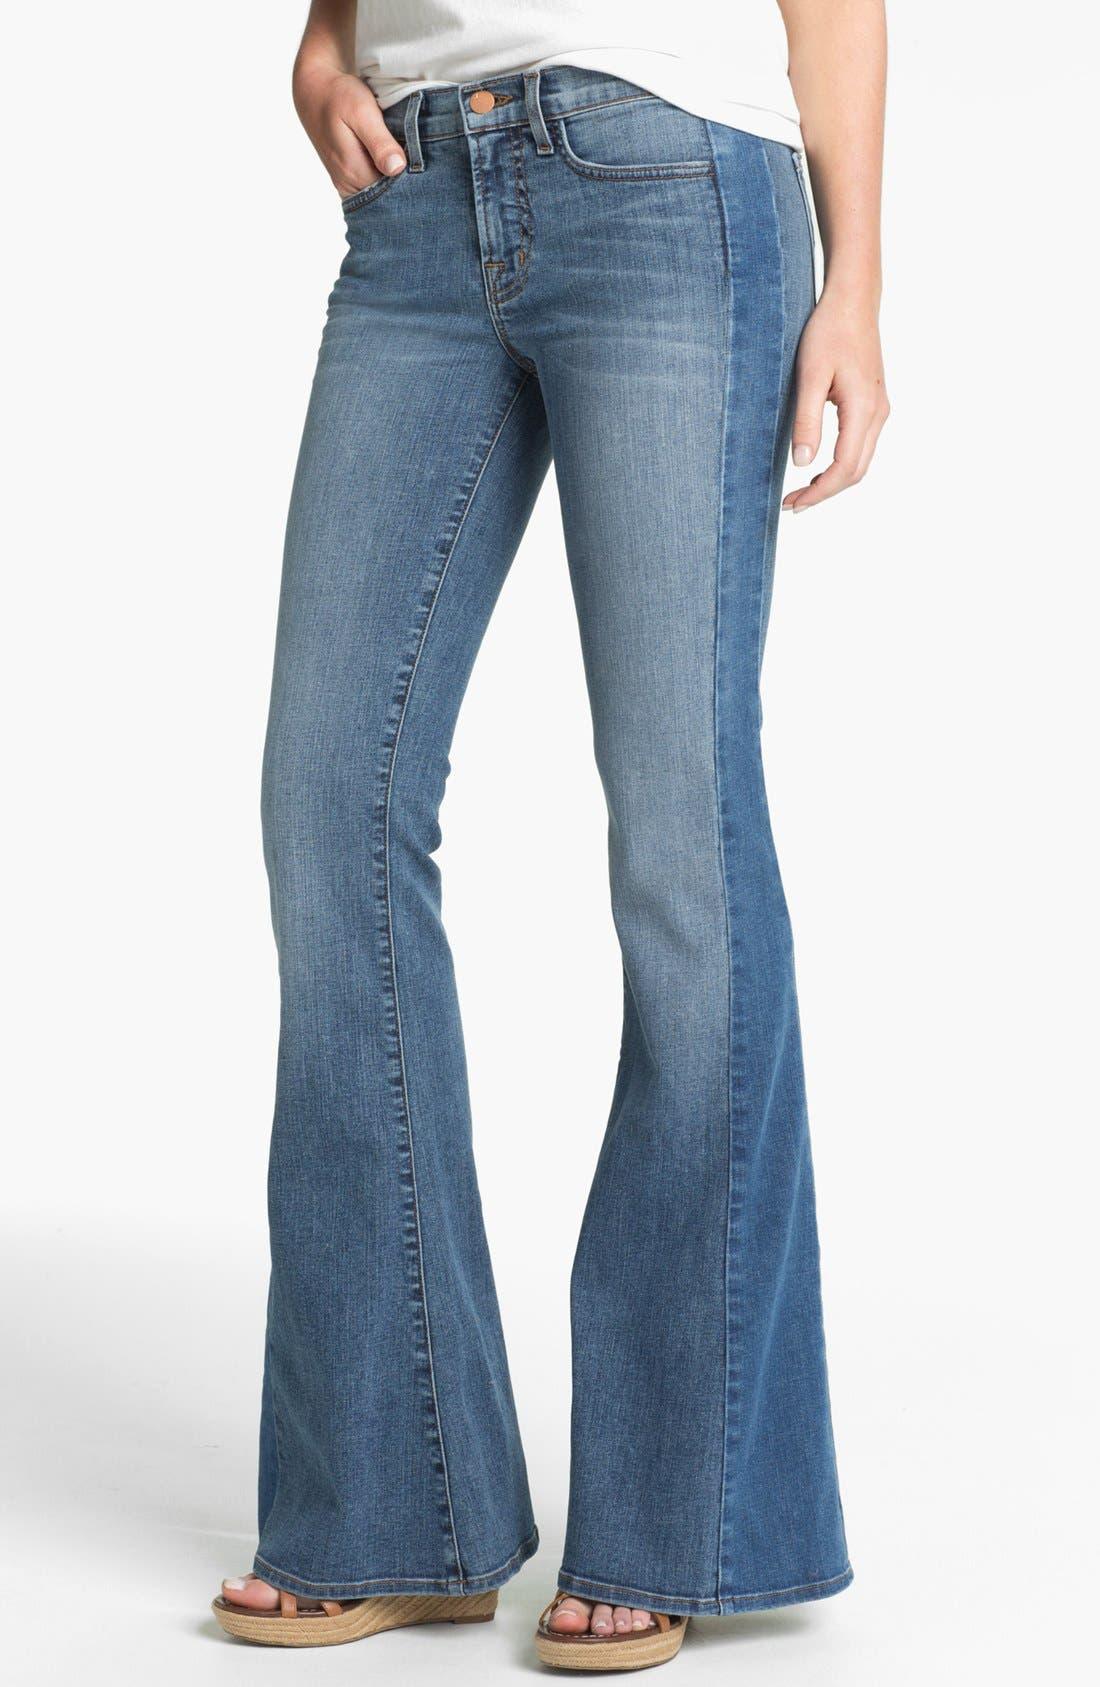 Main Image - J Brand 'Chrissy' Flare Leg Jeans (Bliss)